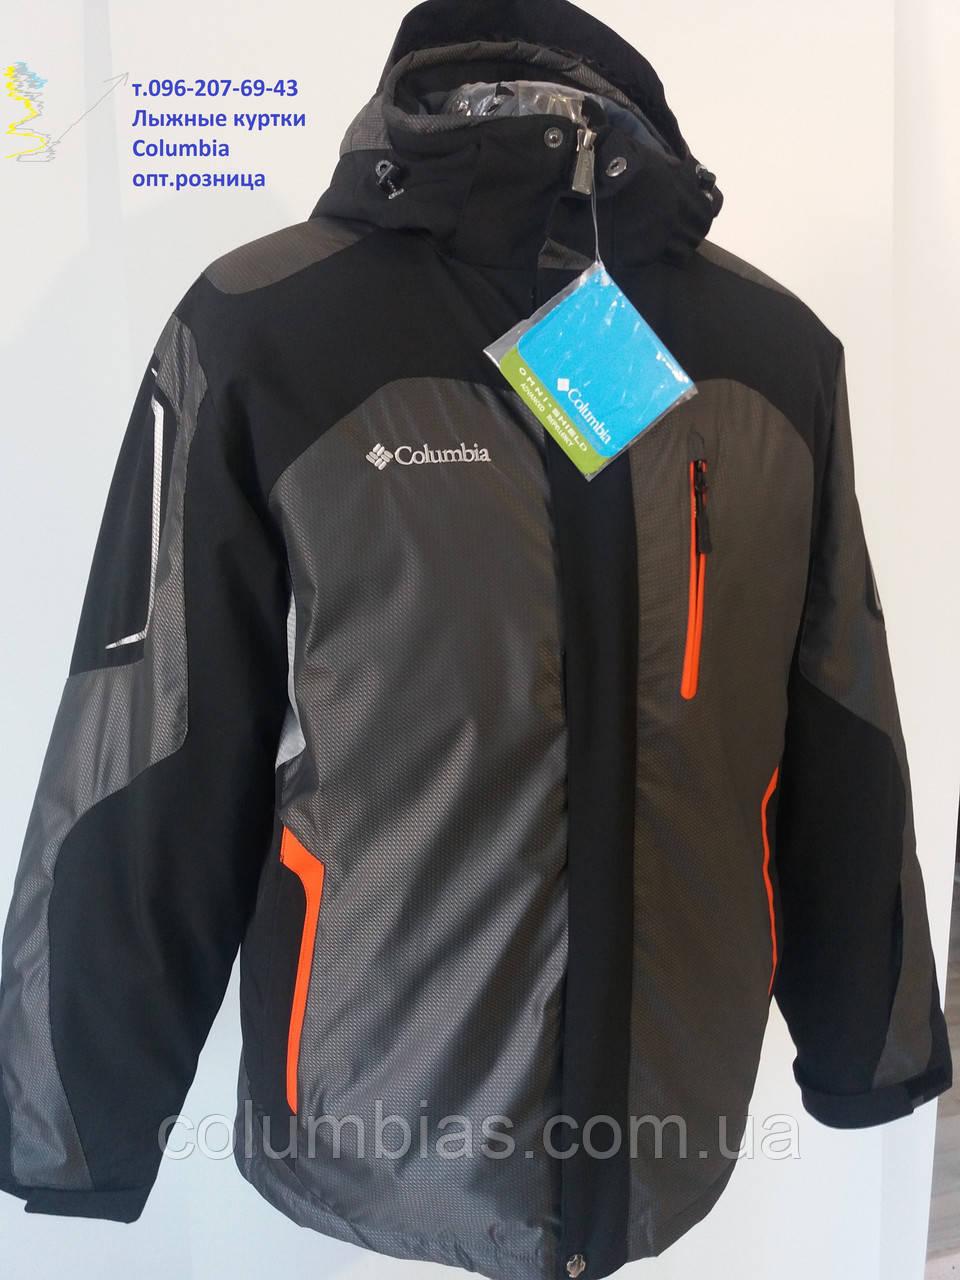 Горнолыжные куртки Columbua